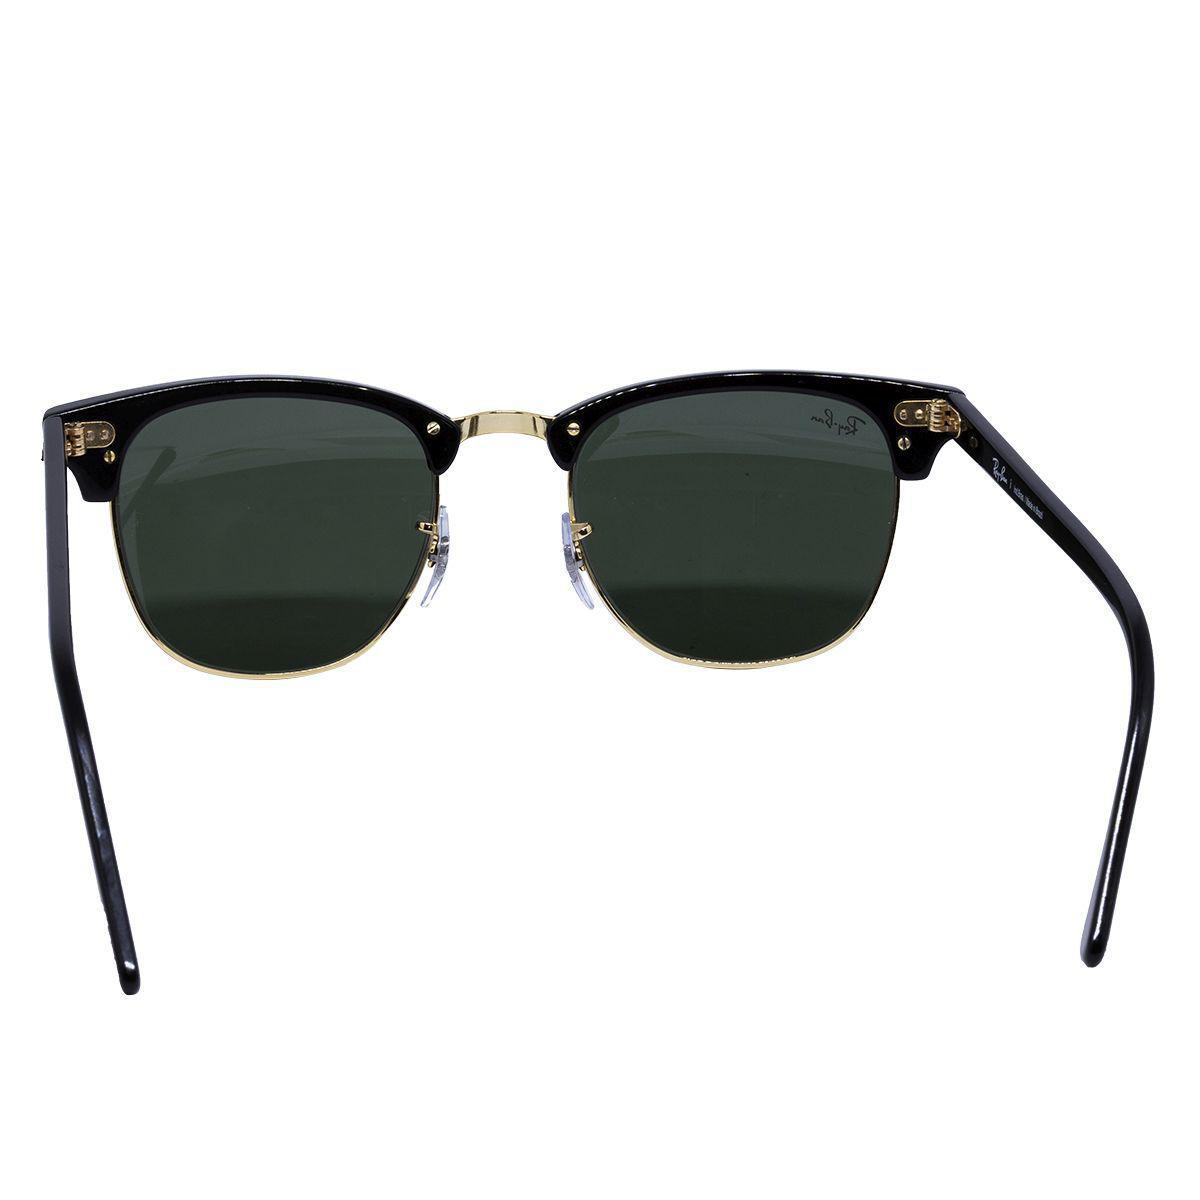 088e85e046084 Óculos de Sol Ray Ban Clubmaster RB3016L CW0365 - metal dourado acetato  preto